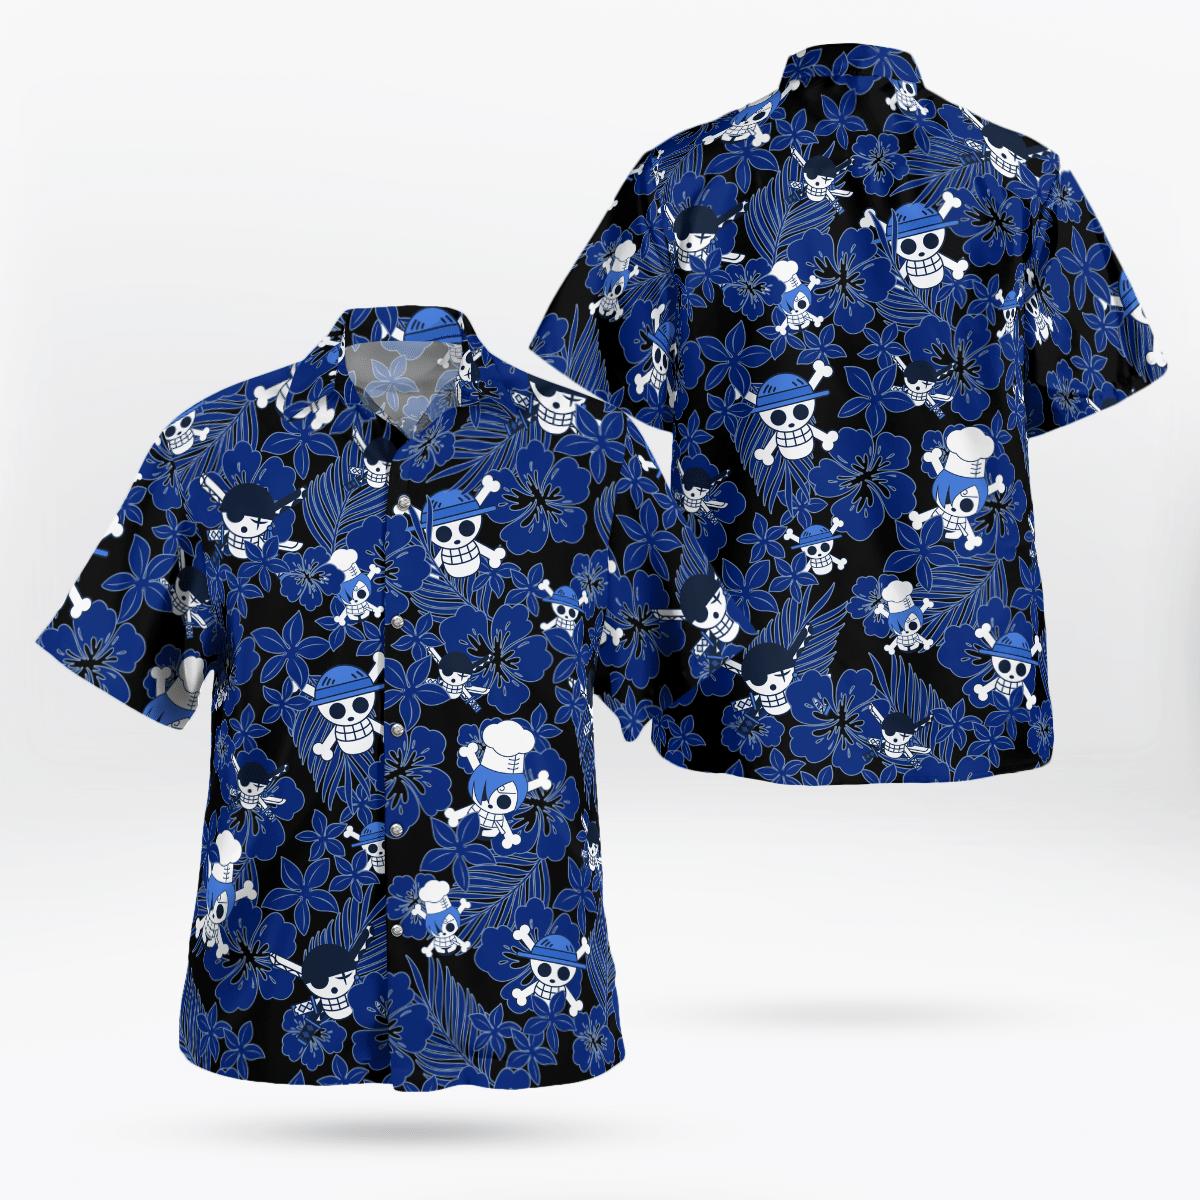 One piece Hawaiian shirt